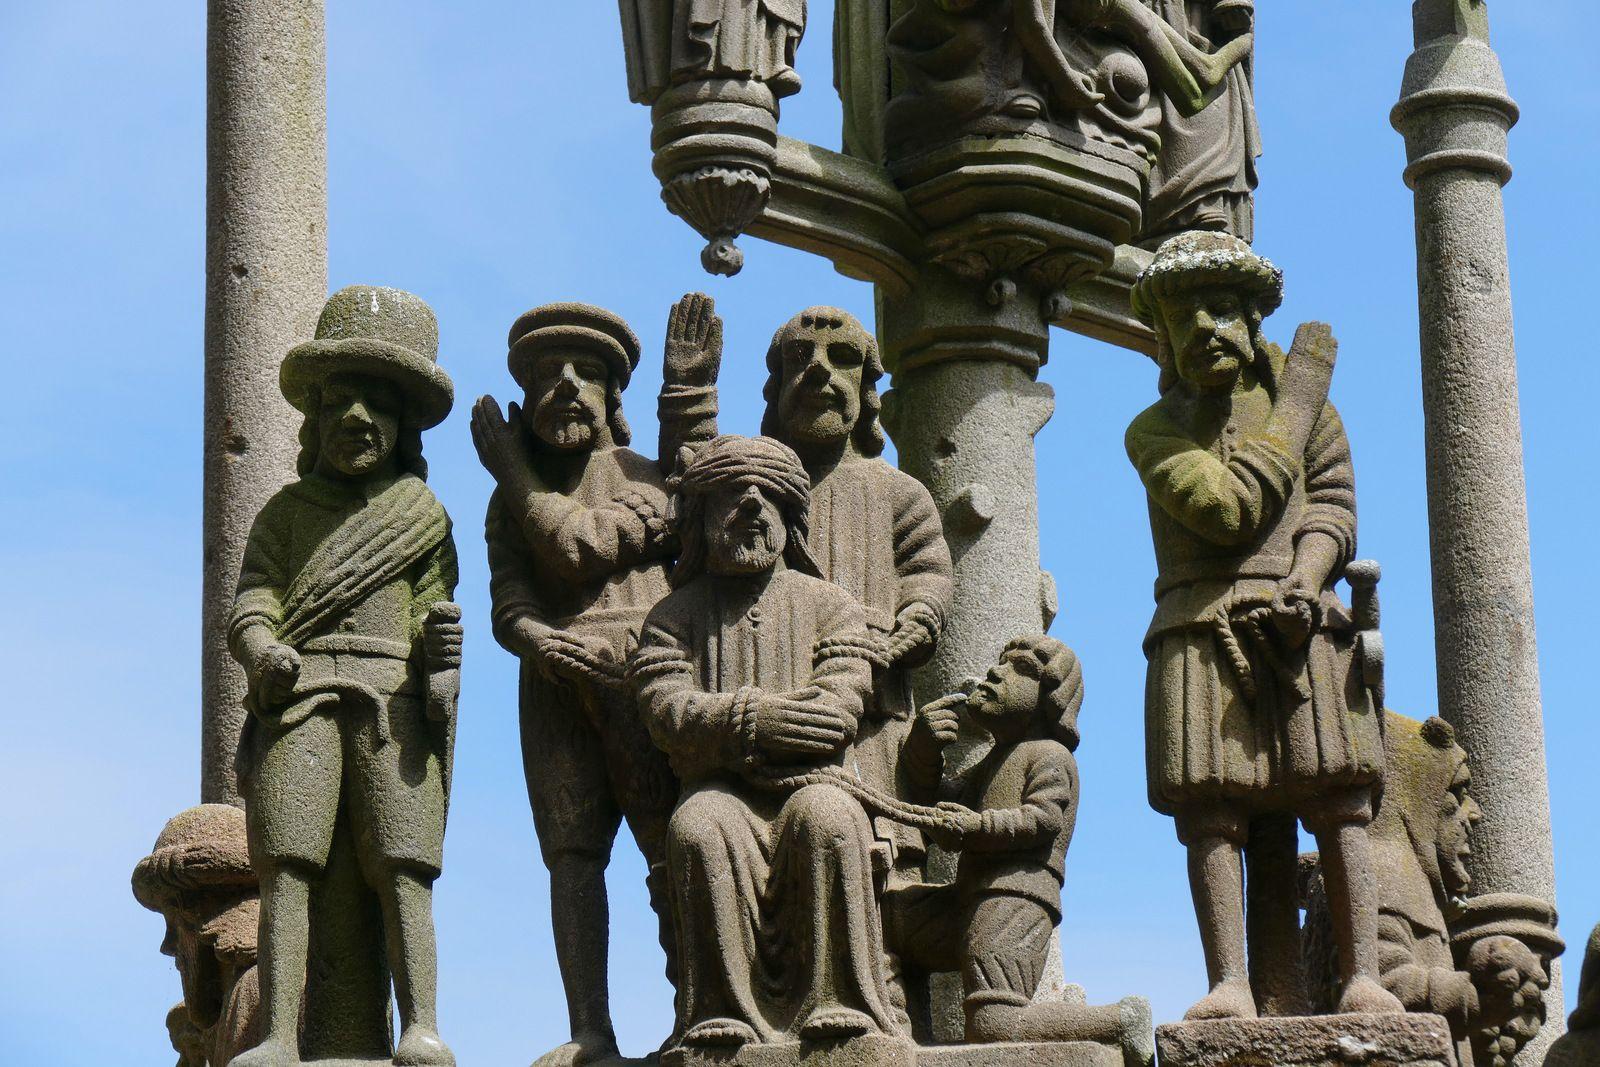 Calvaire monumental (kersantite, 1602-1604, Maître de Plougastel), Plougastel. Photographie lavieb-aile.